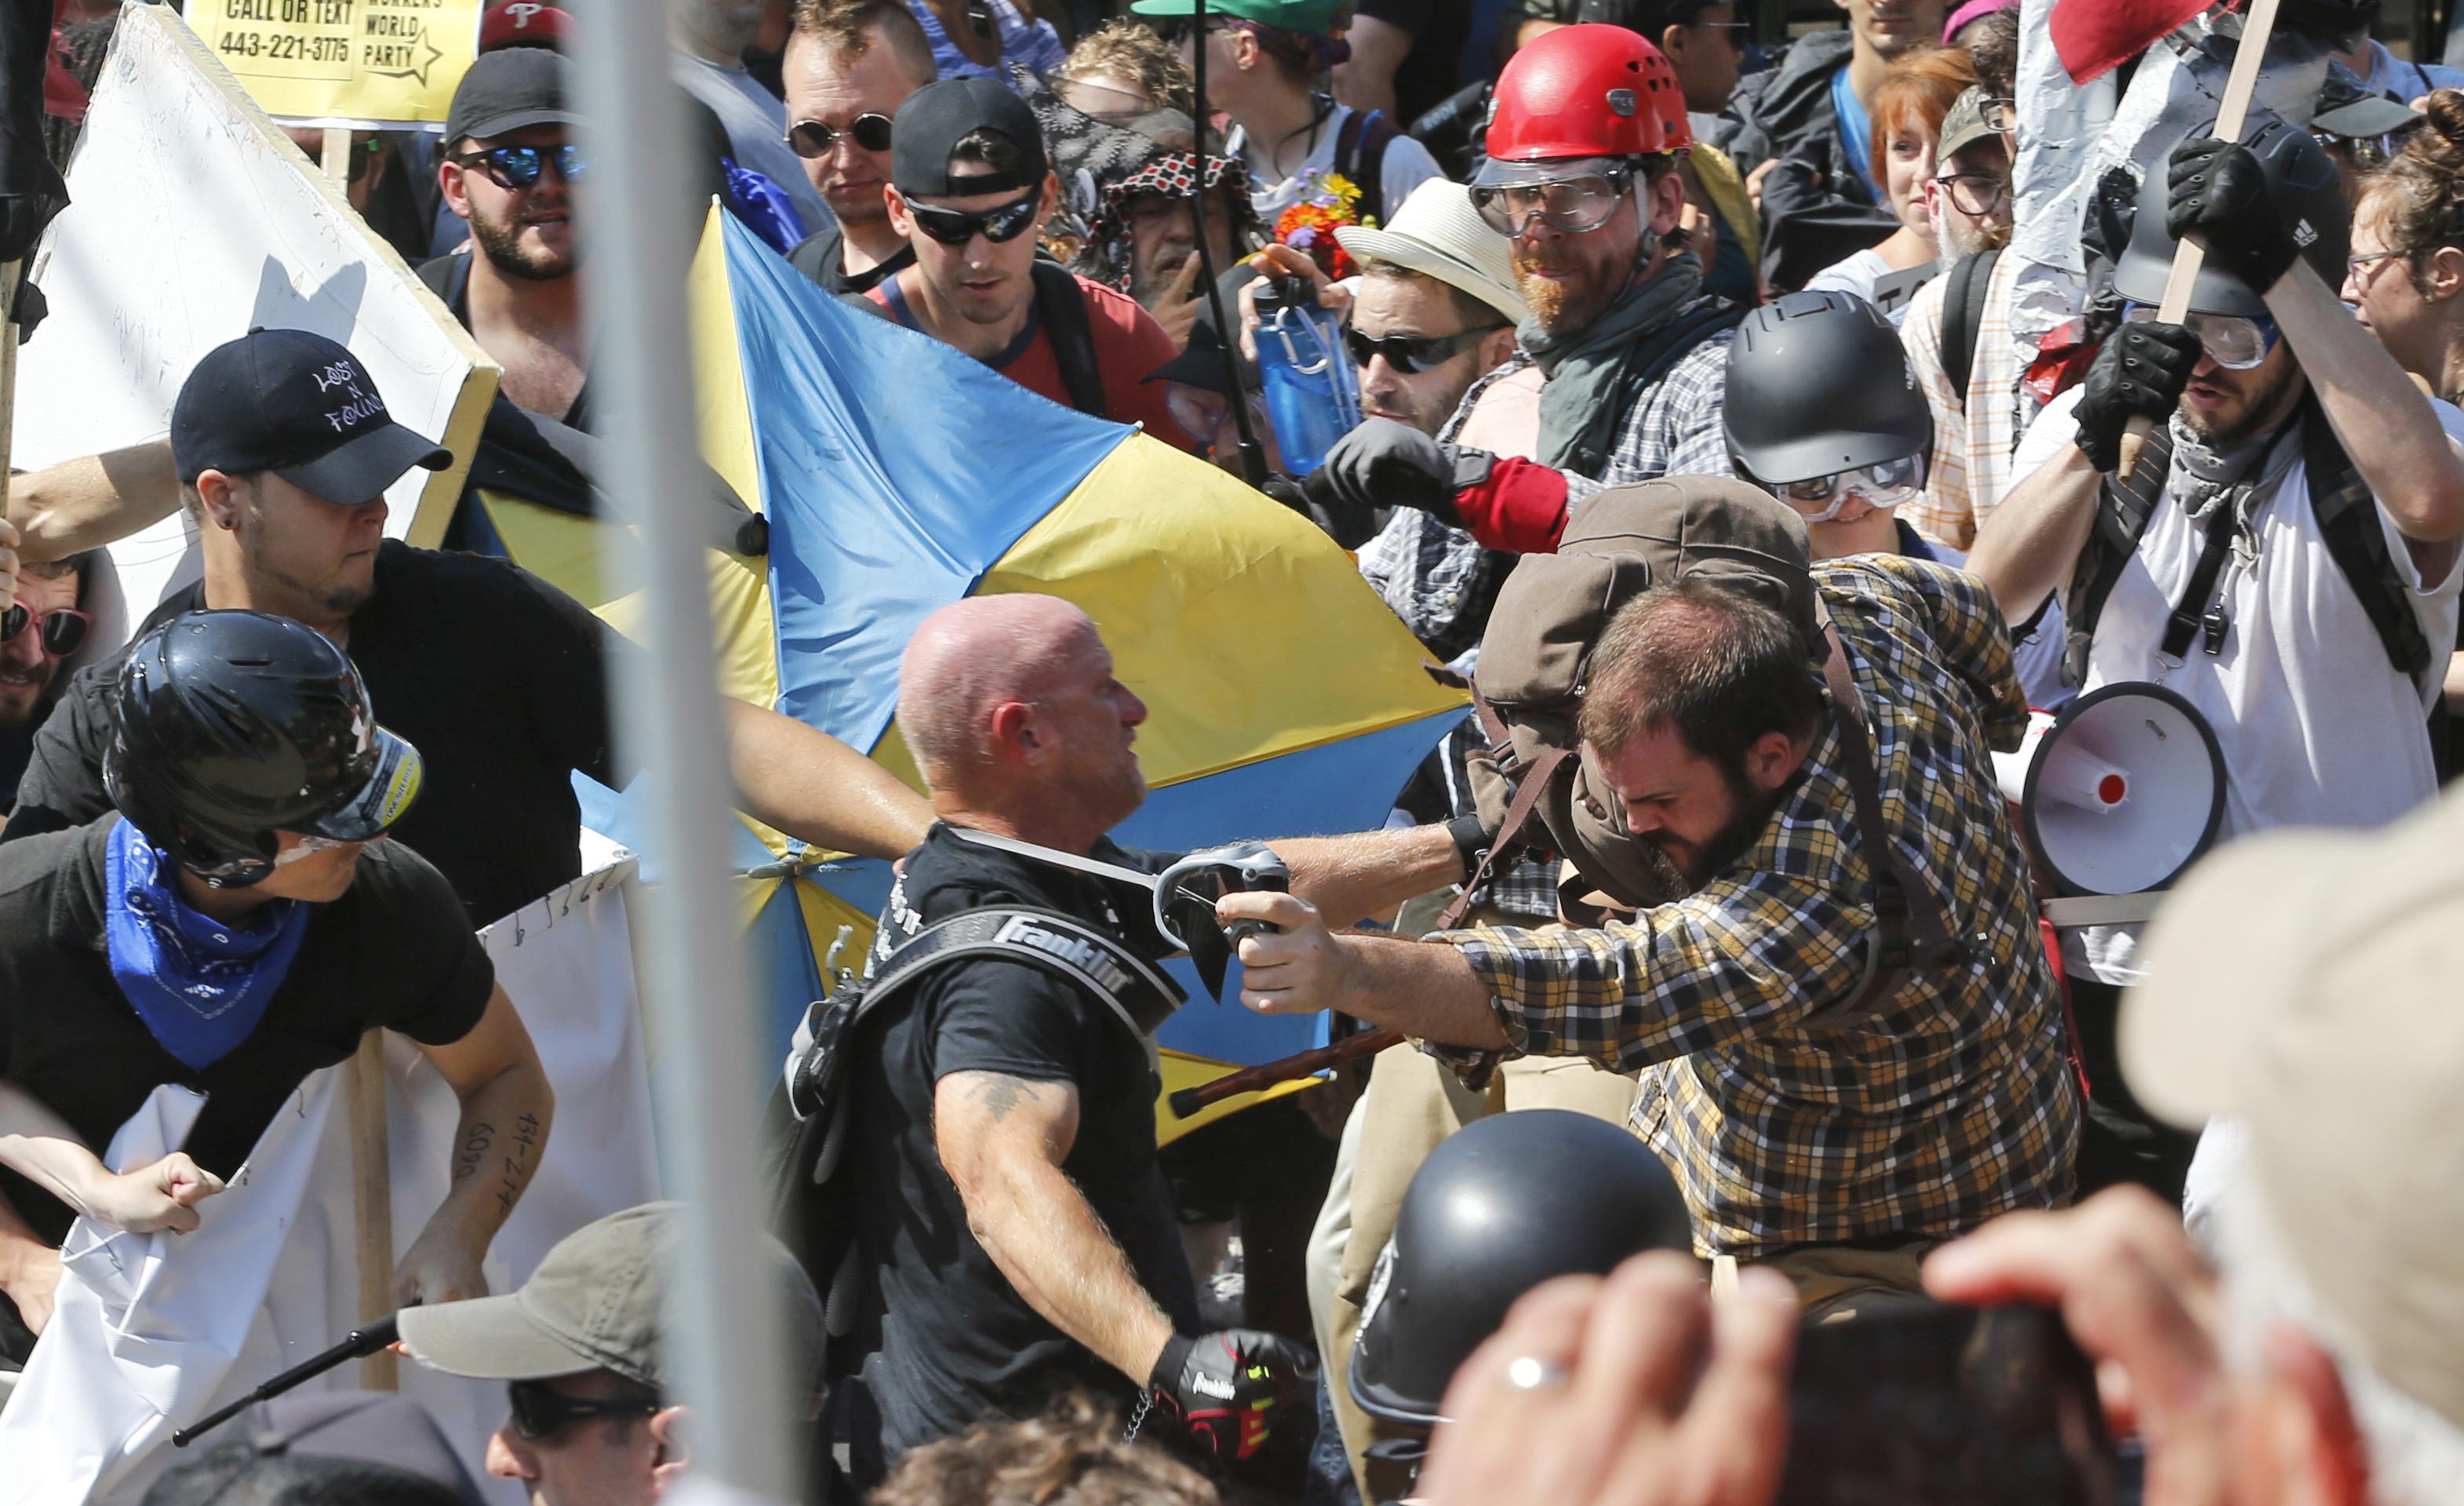 擁護白人至上主義的民眾與反對人士爆發流血衝突。(美聯社)